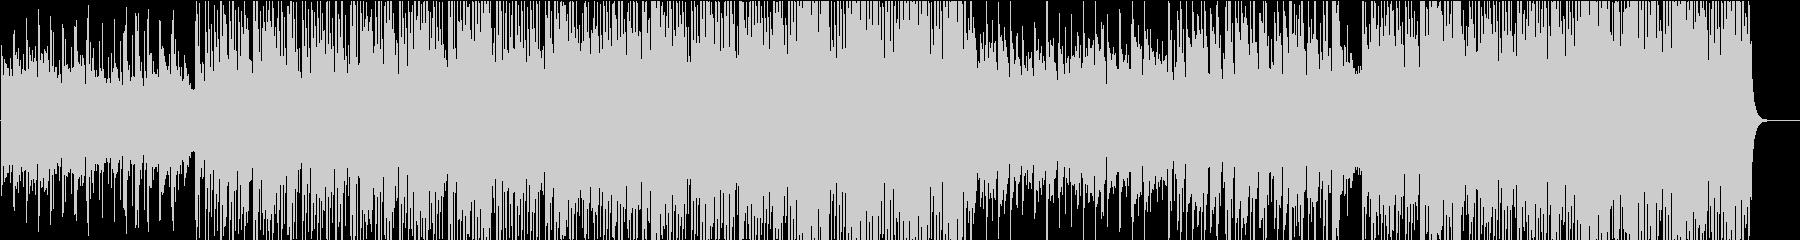 オーケストラルヒップホップの未再生の波形